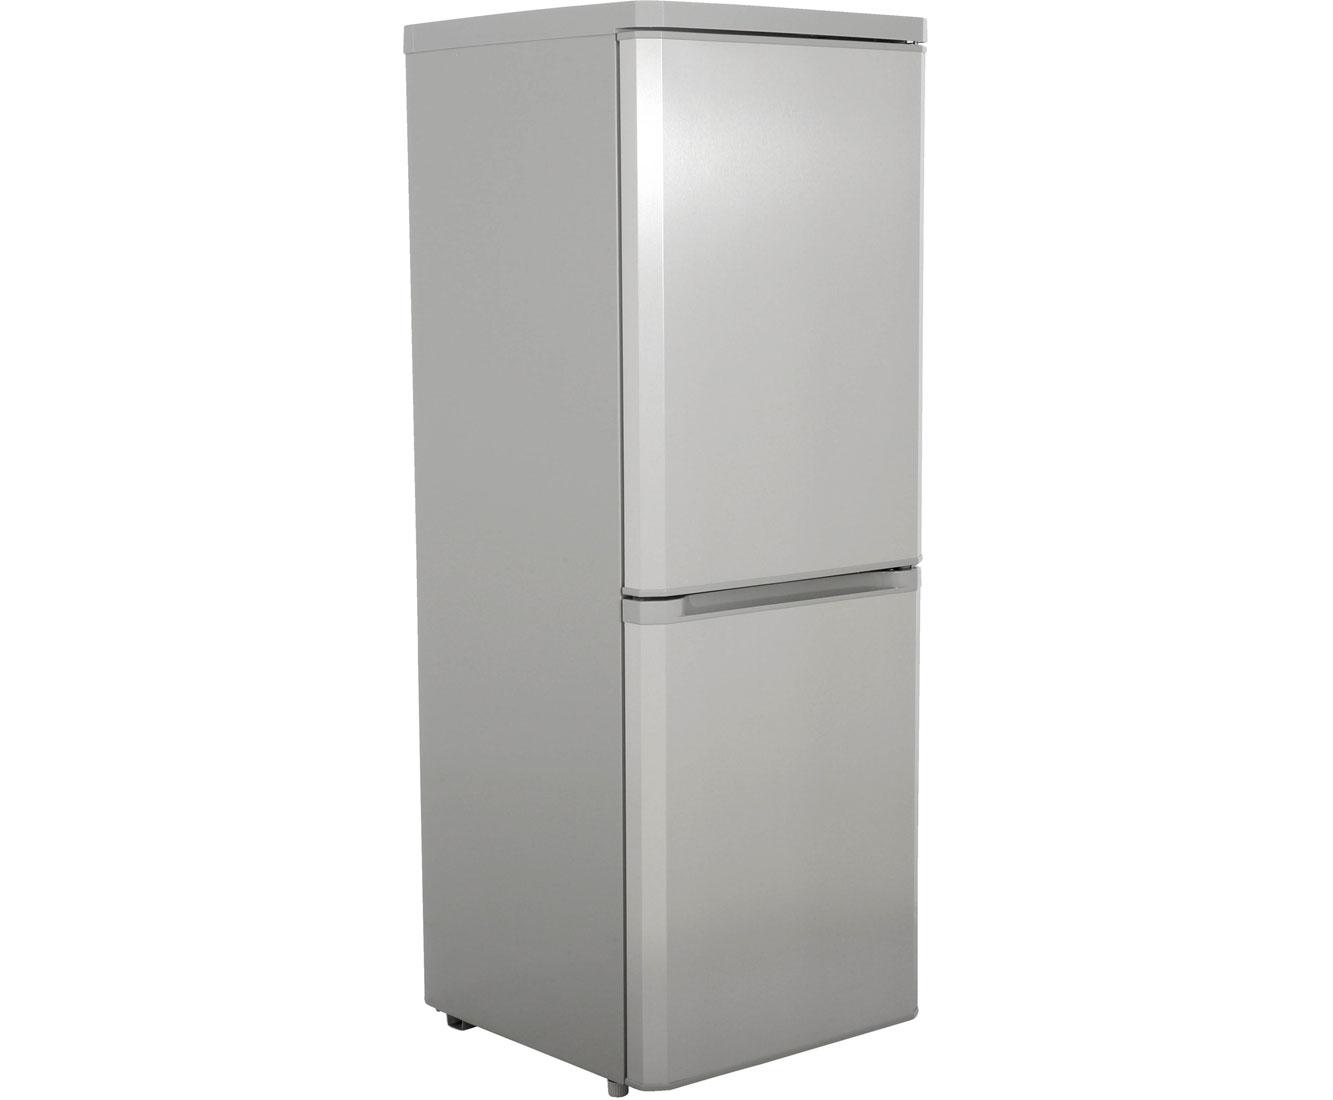 Amica Kühlschrank Sehr Laut : Amica kühlschrank zu laut: der kühlschrank brummt » woran kanns